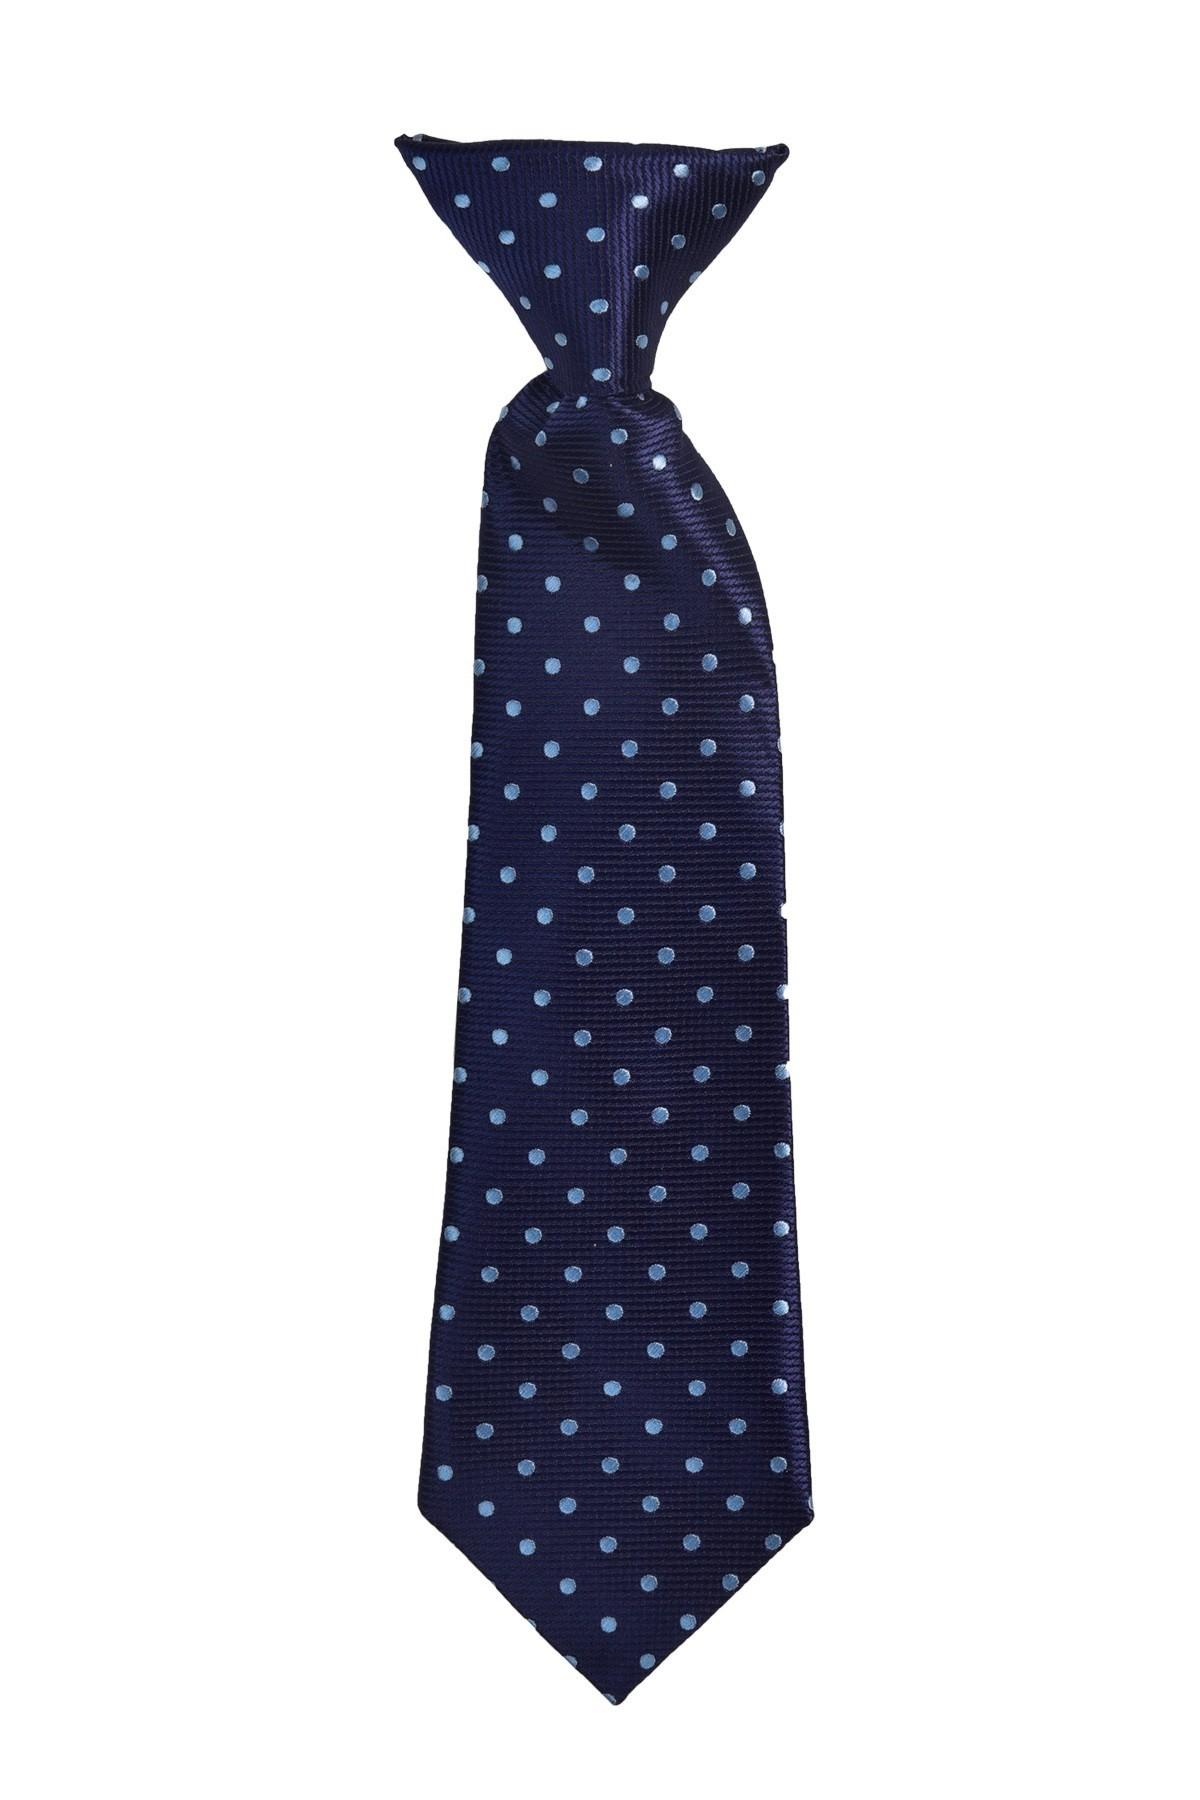 krawat chłopięcy wpinany